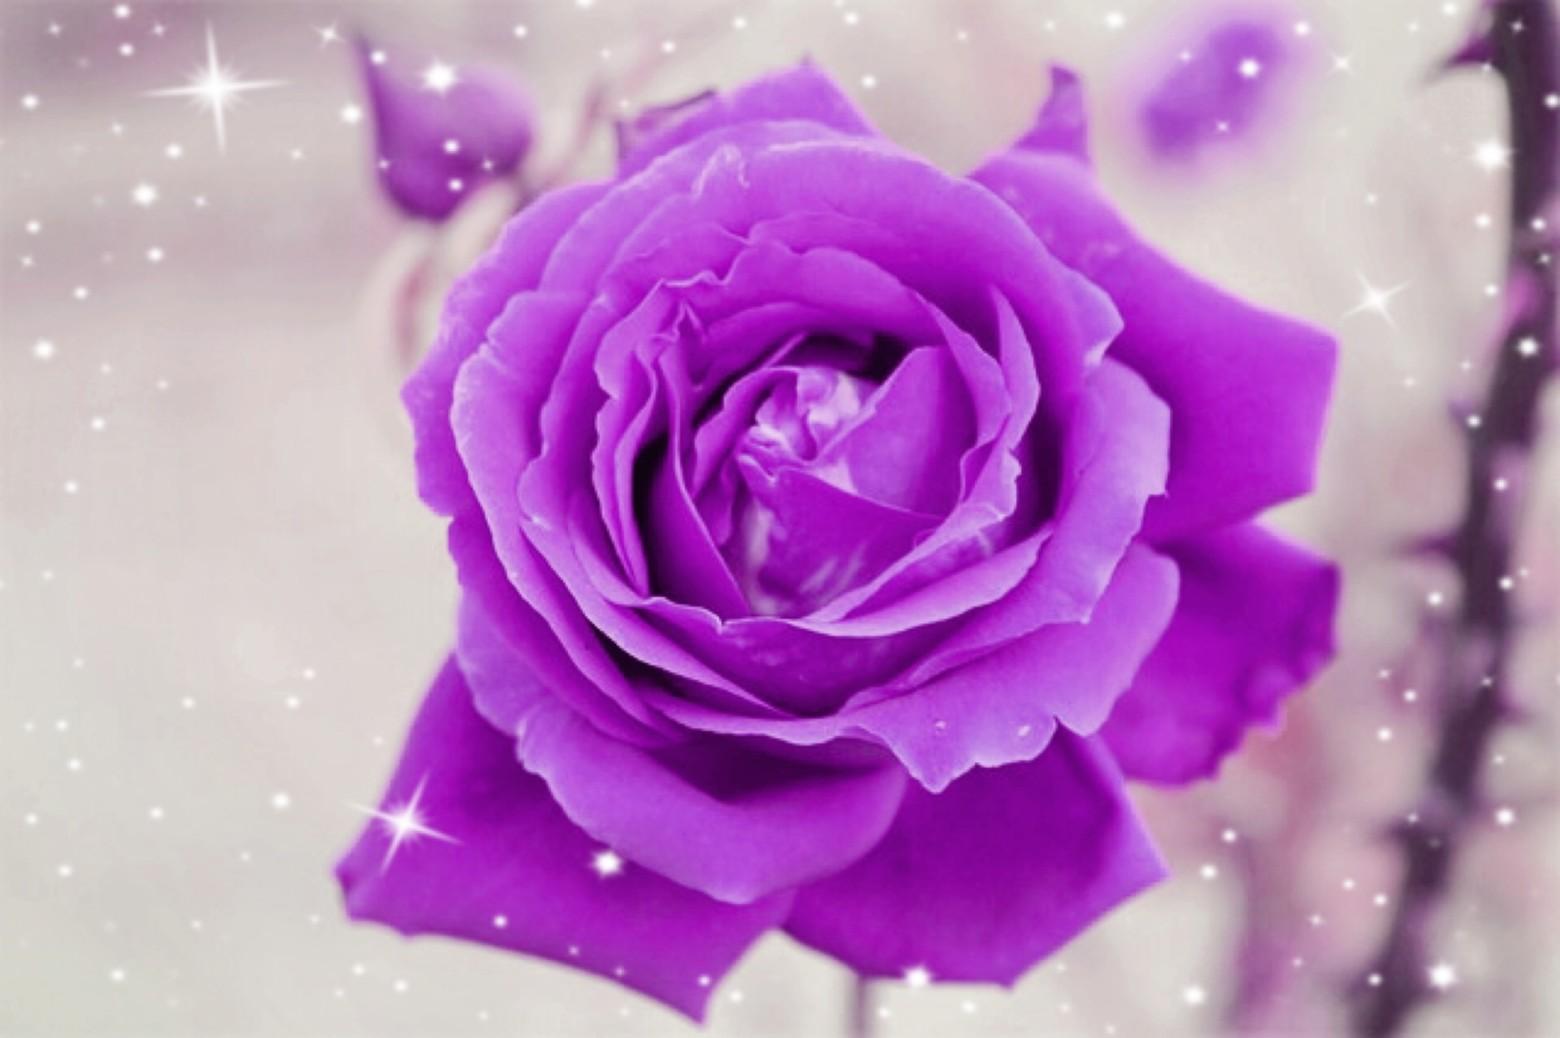 Fond D Ecran Fleur Rose Photos Gratuites Images Gratuites Et